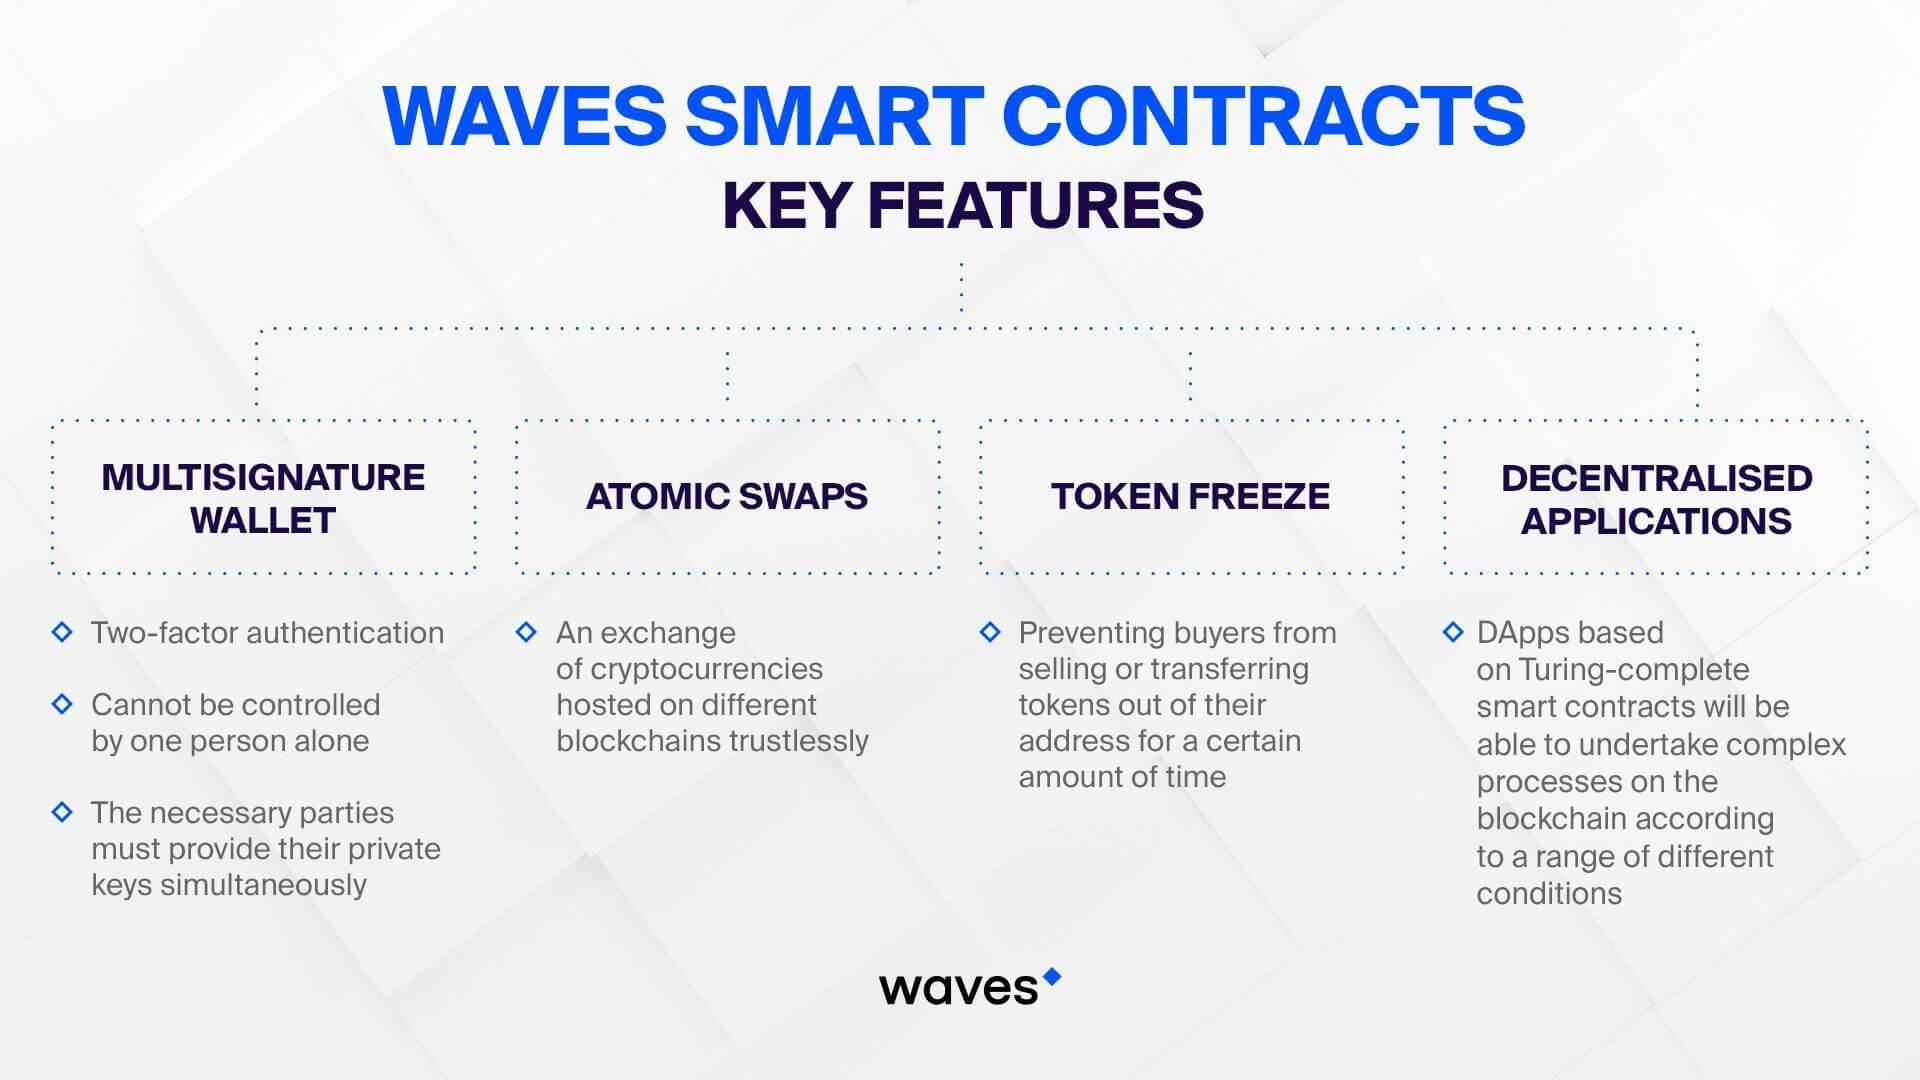 Acordos inteligentes de ondas. Características principais